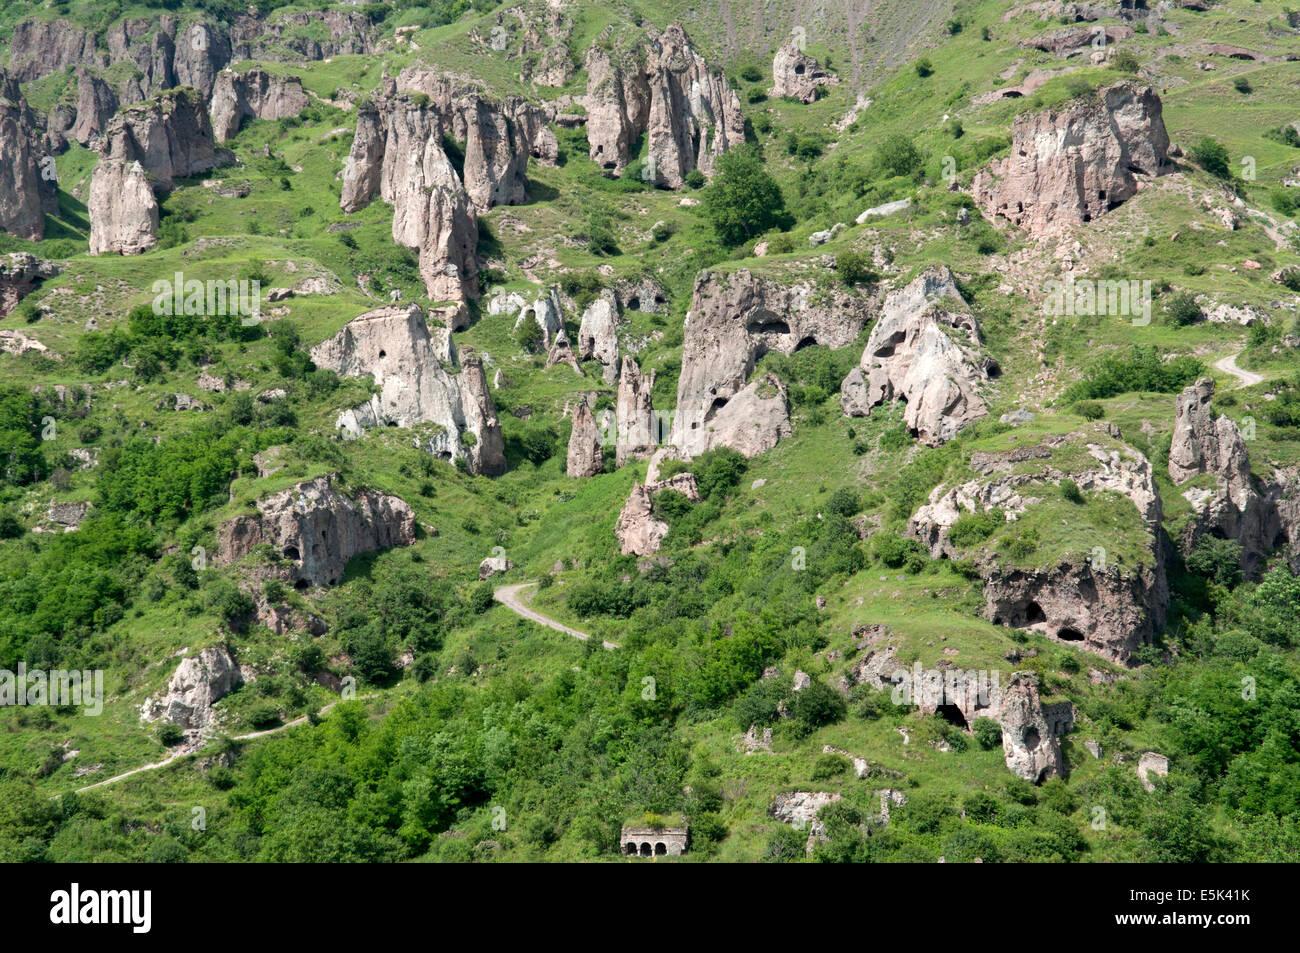 Khndzoresk cave settlement, Armenia - Stock Image